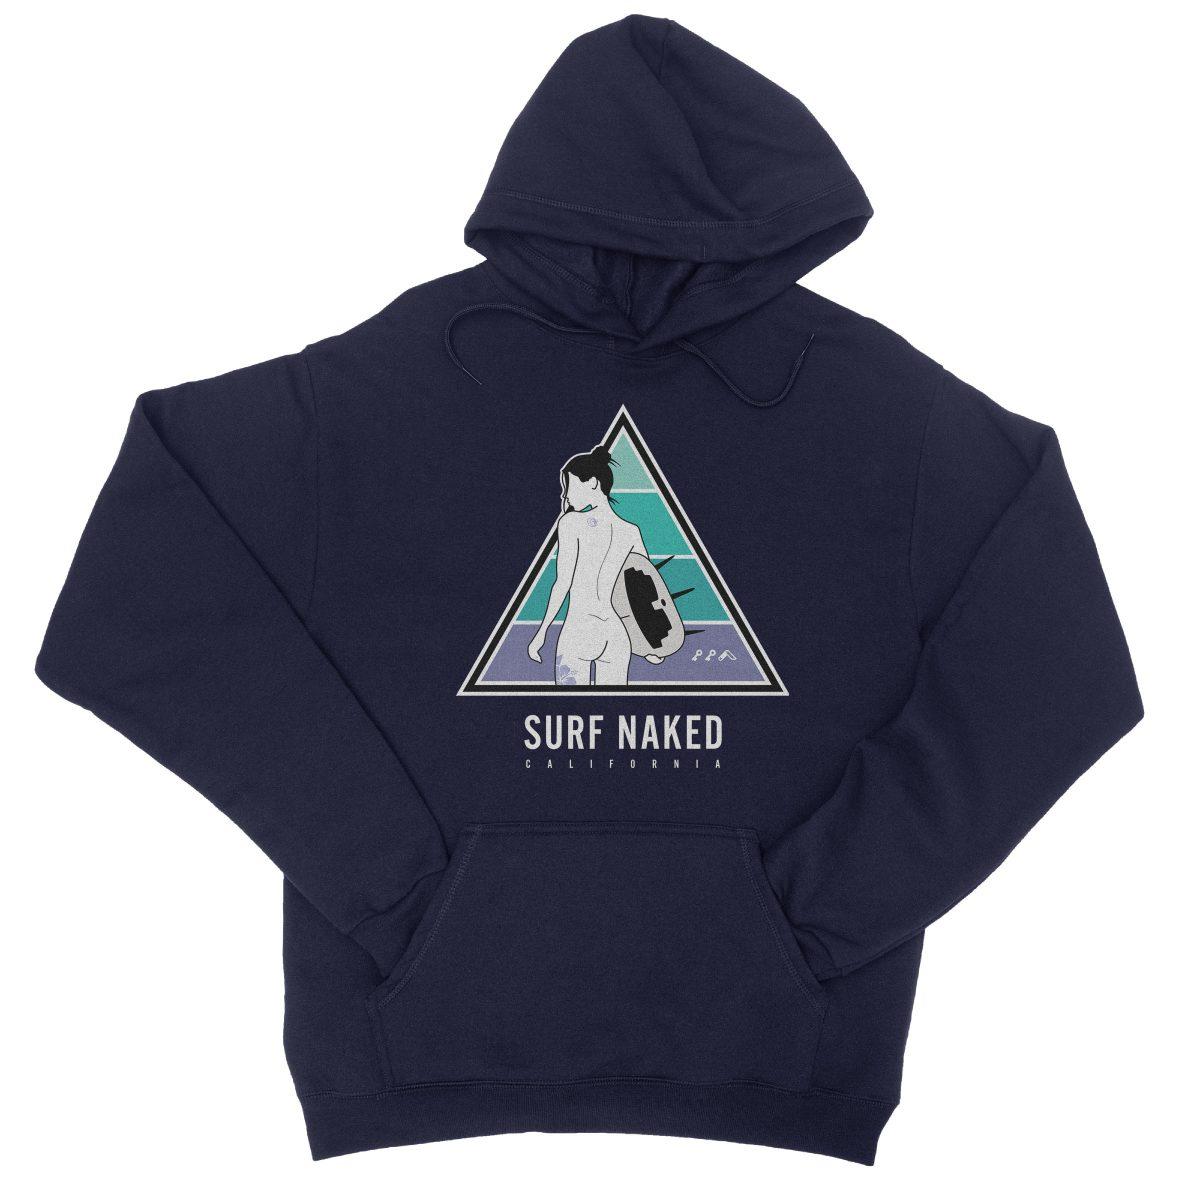 SURF NAKED CALIFORNIA beaches hoodie in navy by kikicutt sweatshirt store